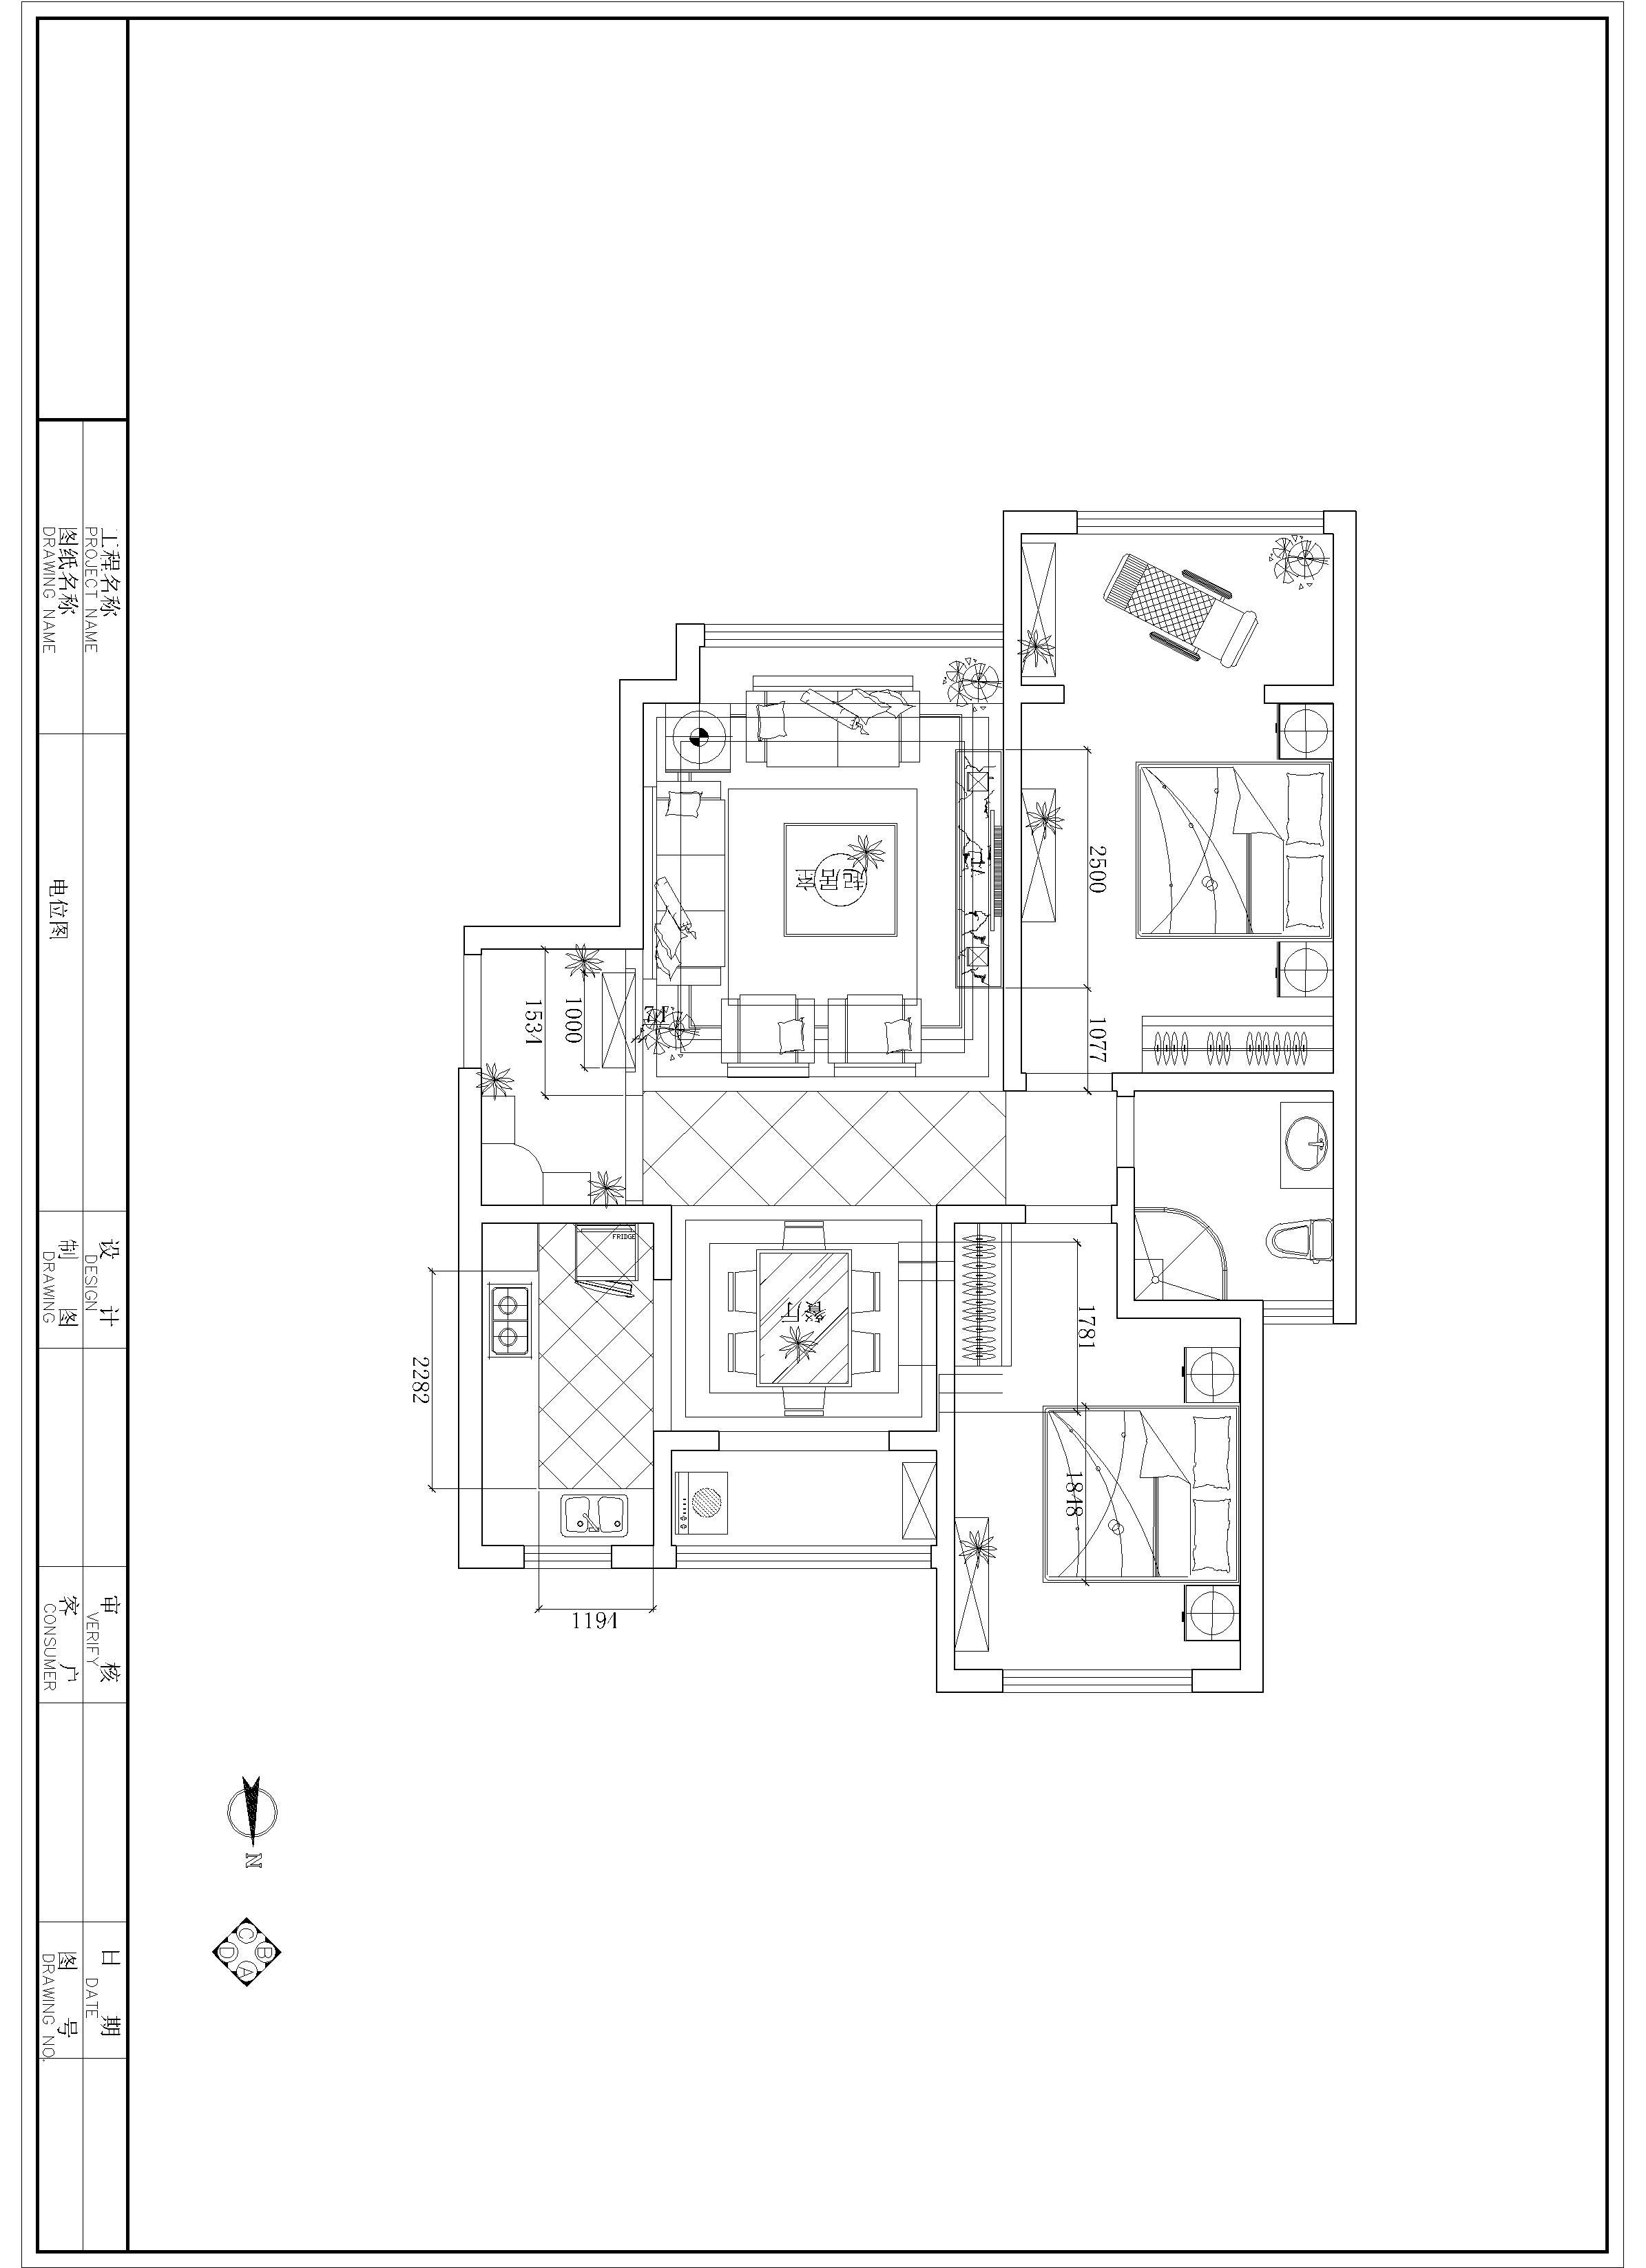 欧式 二居 客厅 卧室 沙发 户型图图片来自石家庄装修装饰设计公司在国赫红珊湾110平欧式的分享